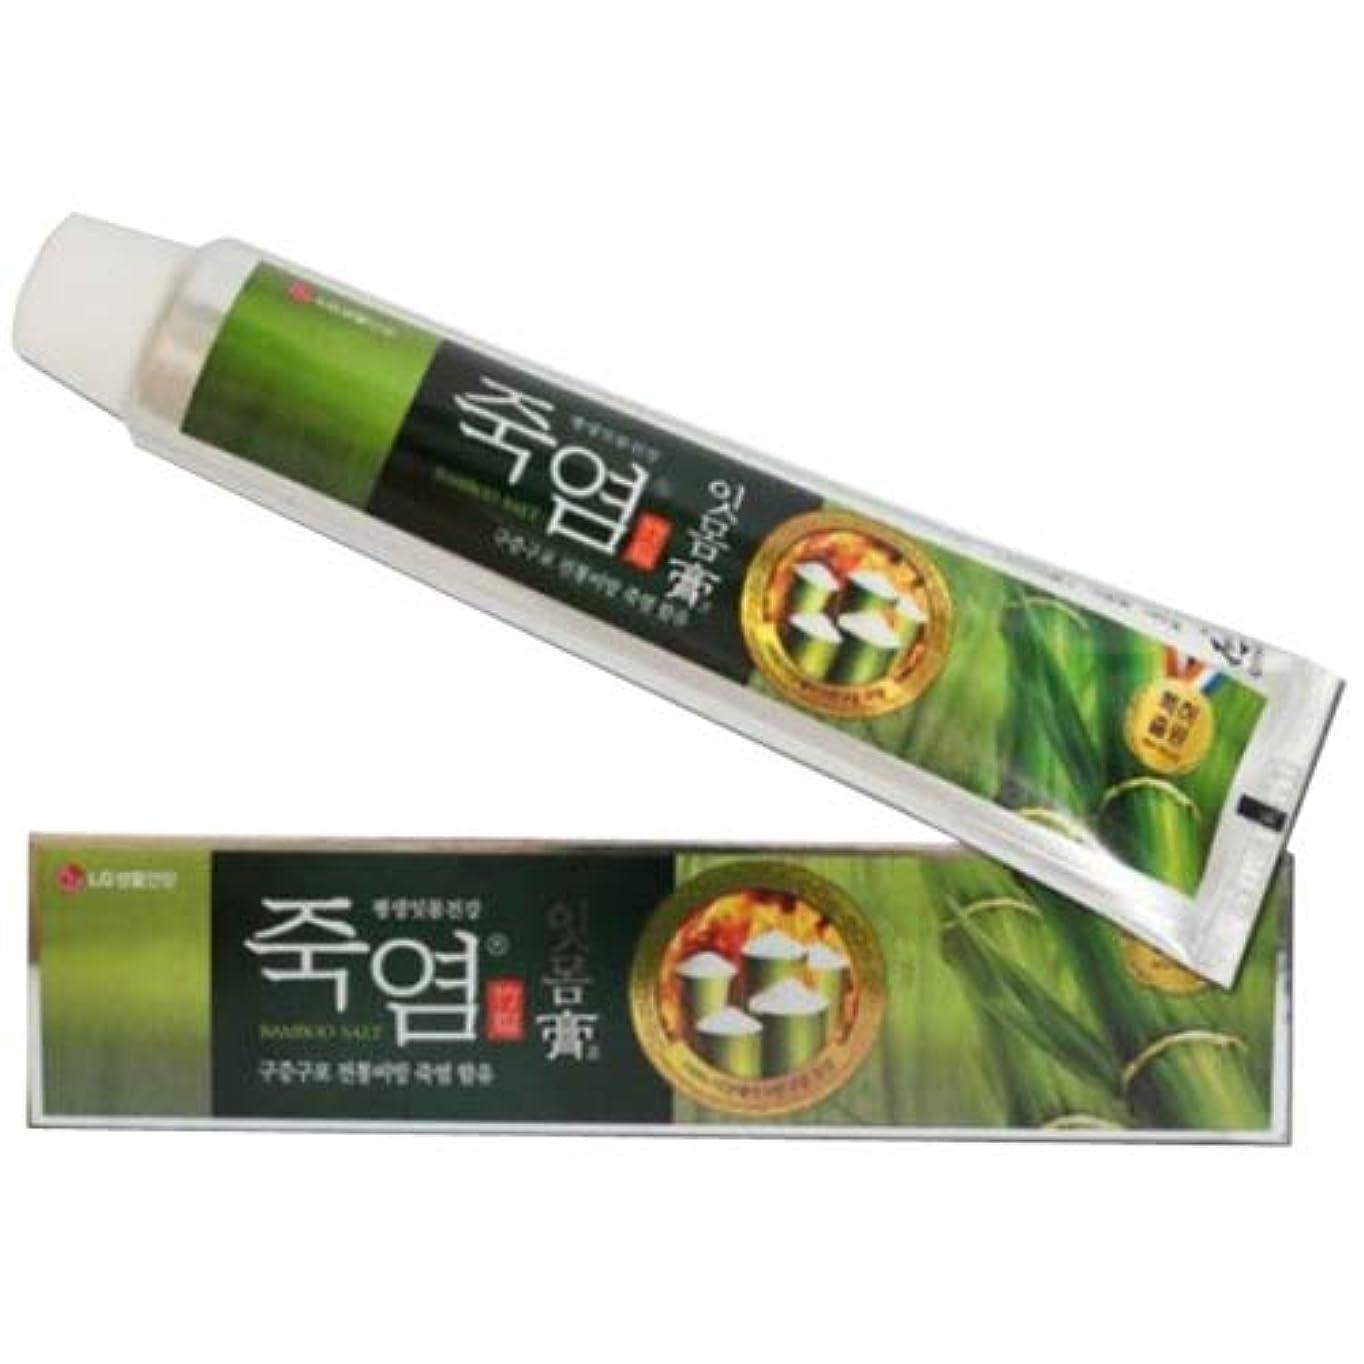 悪行放棄された頂点LG生活健康 竹塩歯磨き粉 (歯康膏:ウンガンゴ)(120g X2個) 竹塩歯磨き粉つぶれて歯茎を健康に ウンガンゴ